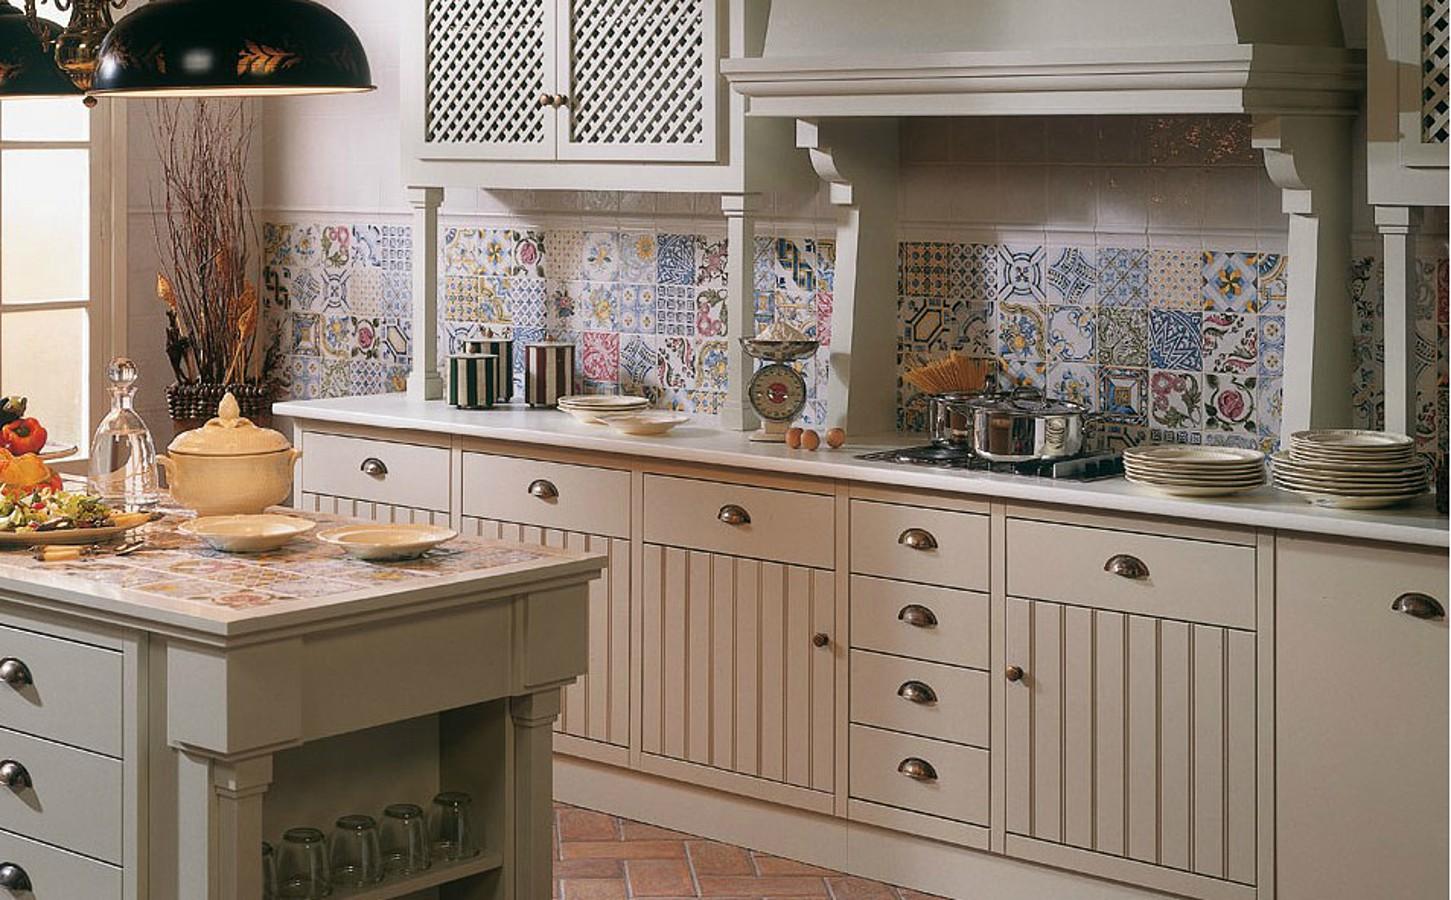 день стеновая панель кухни в стиле прованс фото положил